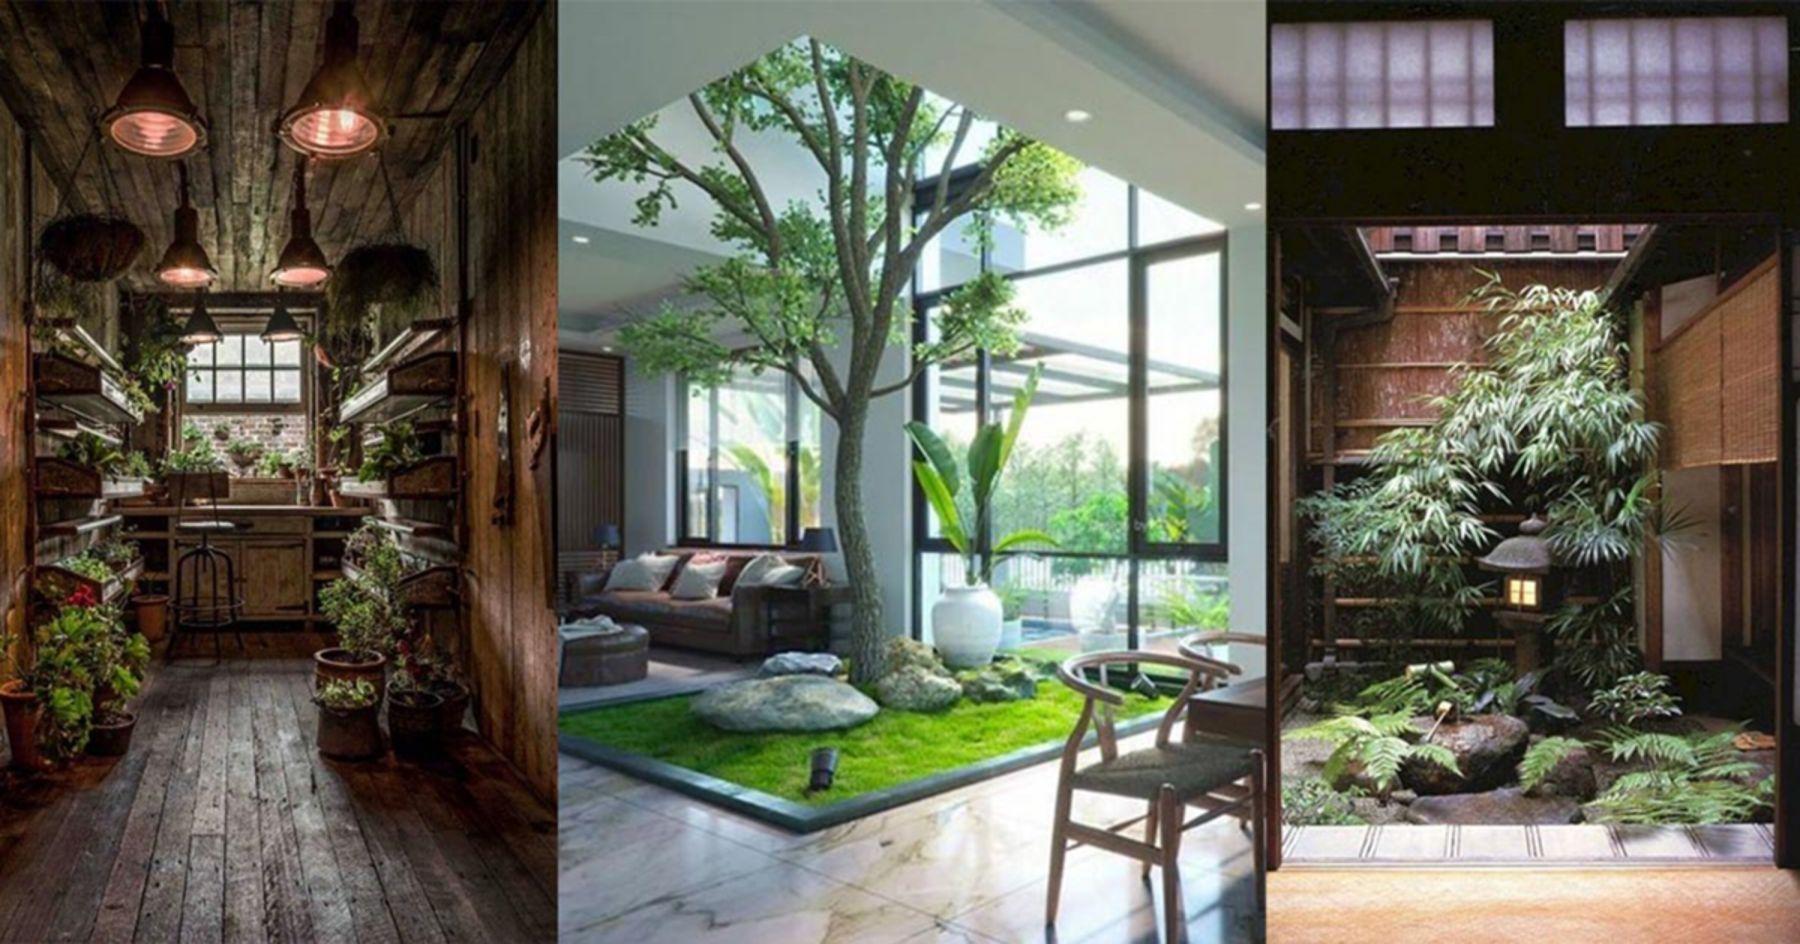 8 Perfect Indoor Garden Design Ideas For Fresh House Small Urban Garden Indoor Garden Home Aquarium